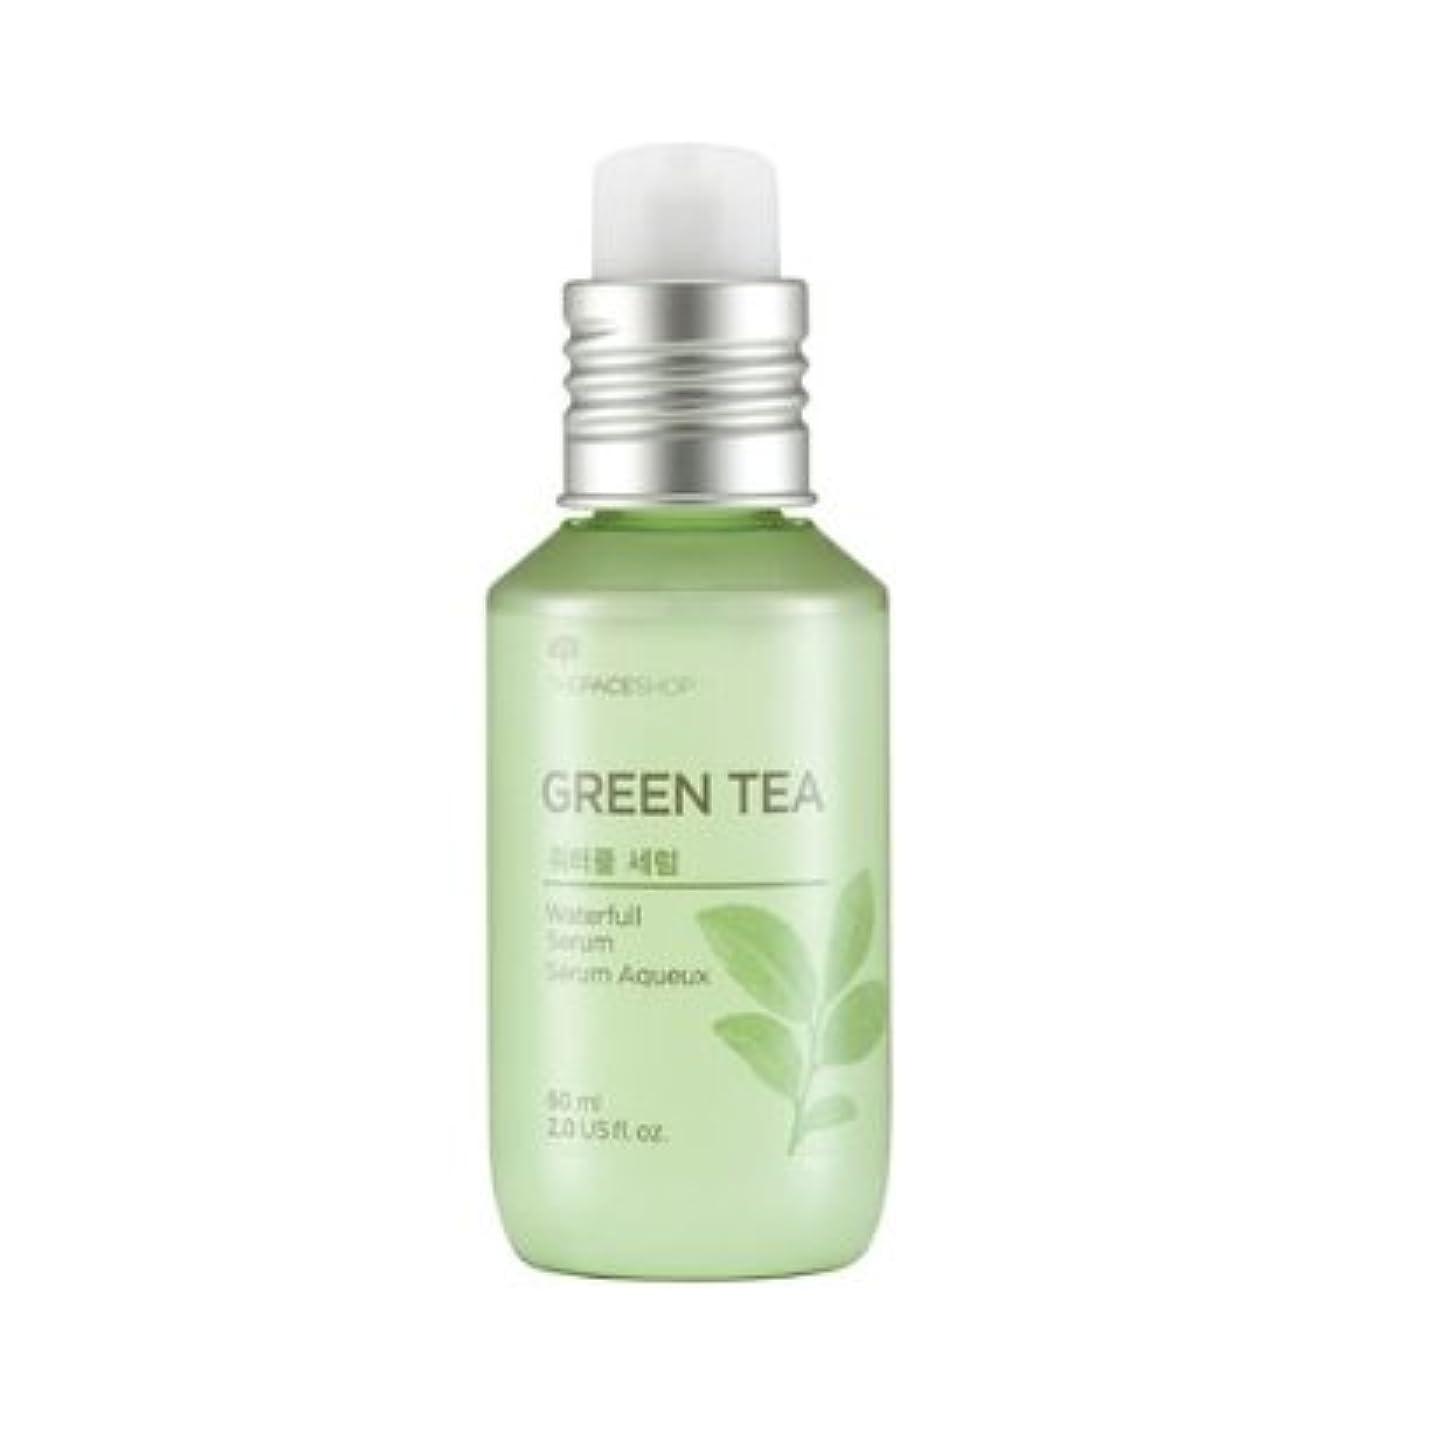 進む謎めいた警察署The Face Shop Green Tea Water Full Serum 60ml / ザ?フェイスショップ グリーンティーウォーターフルセラム 60ml [並行輸入品]